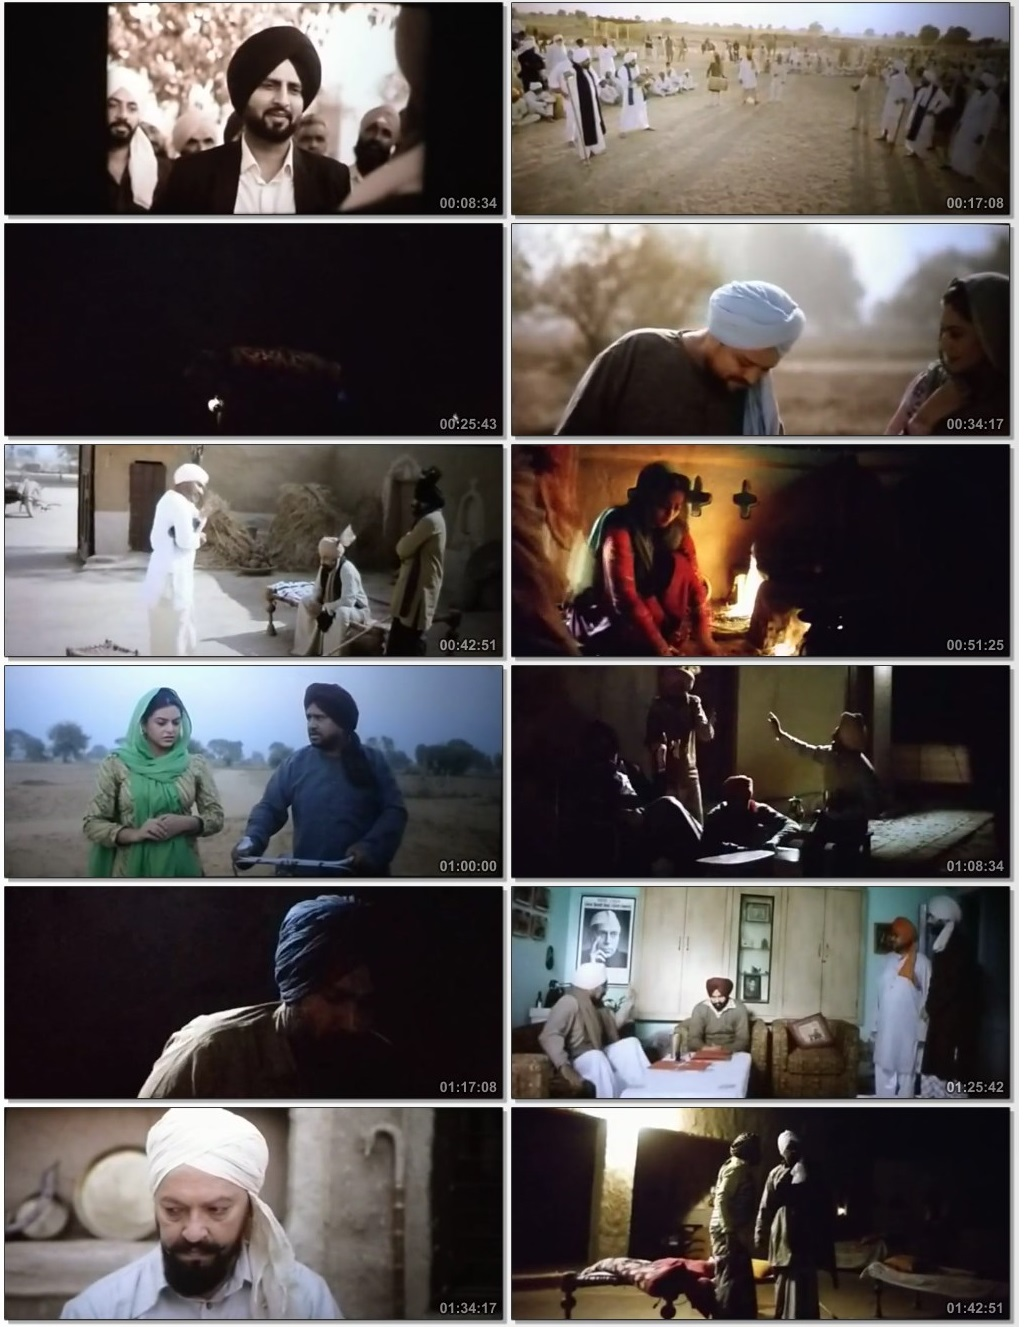 31ac341d048d3d2c4c8ba5069f207d10 Free Download Laatu 2018 Full Punjabi Movie 300MB PdvdRip